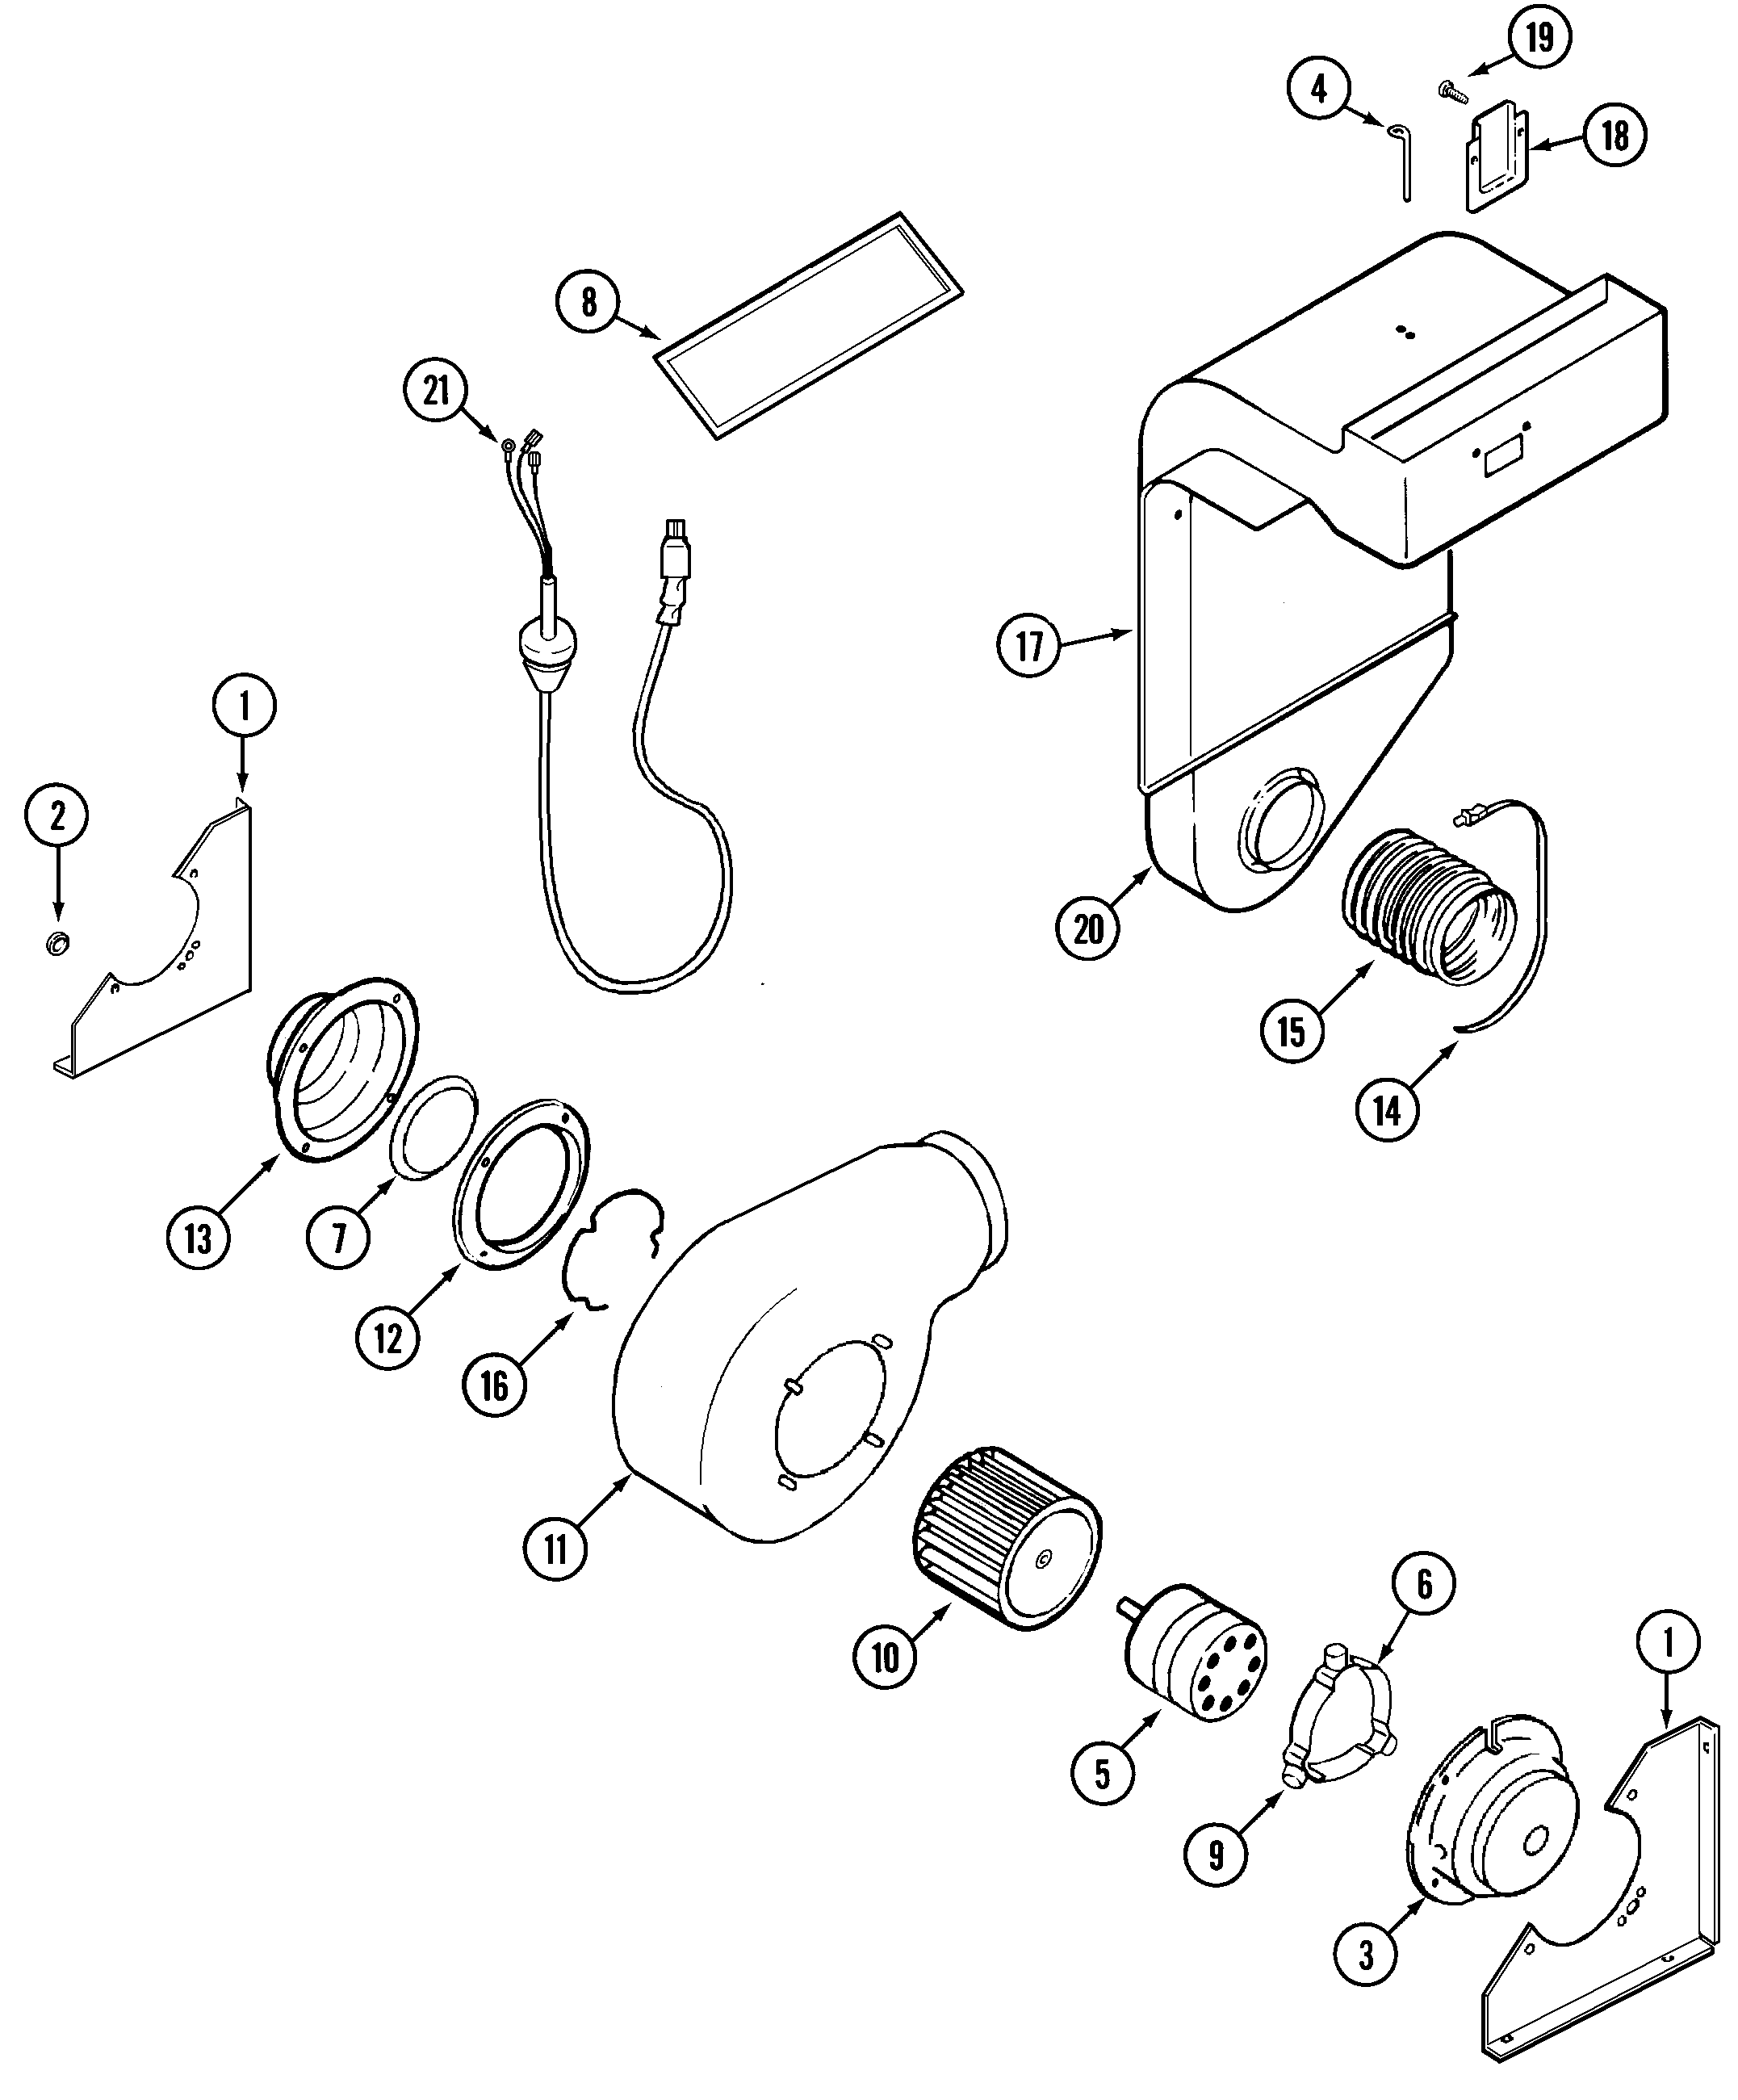 maytag sve47100 electric slide-in range timer